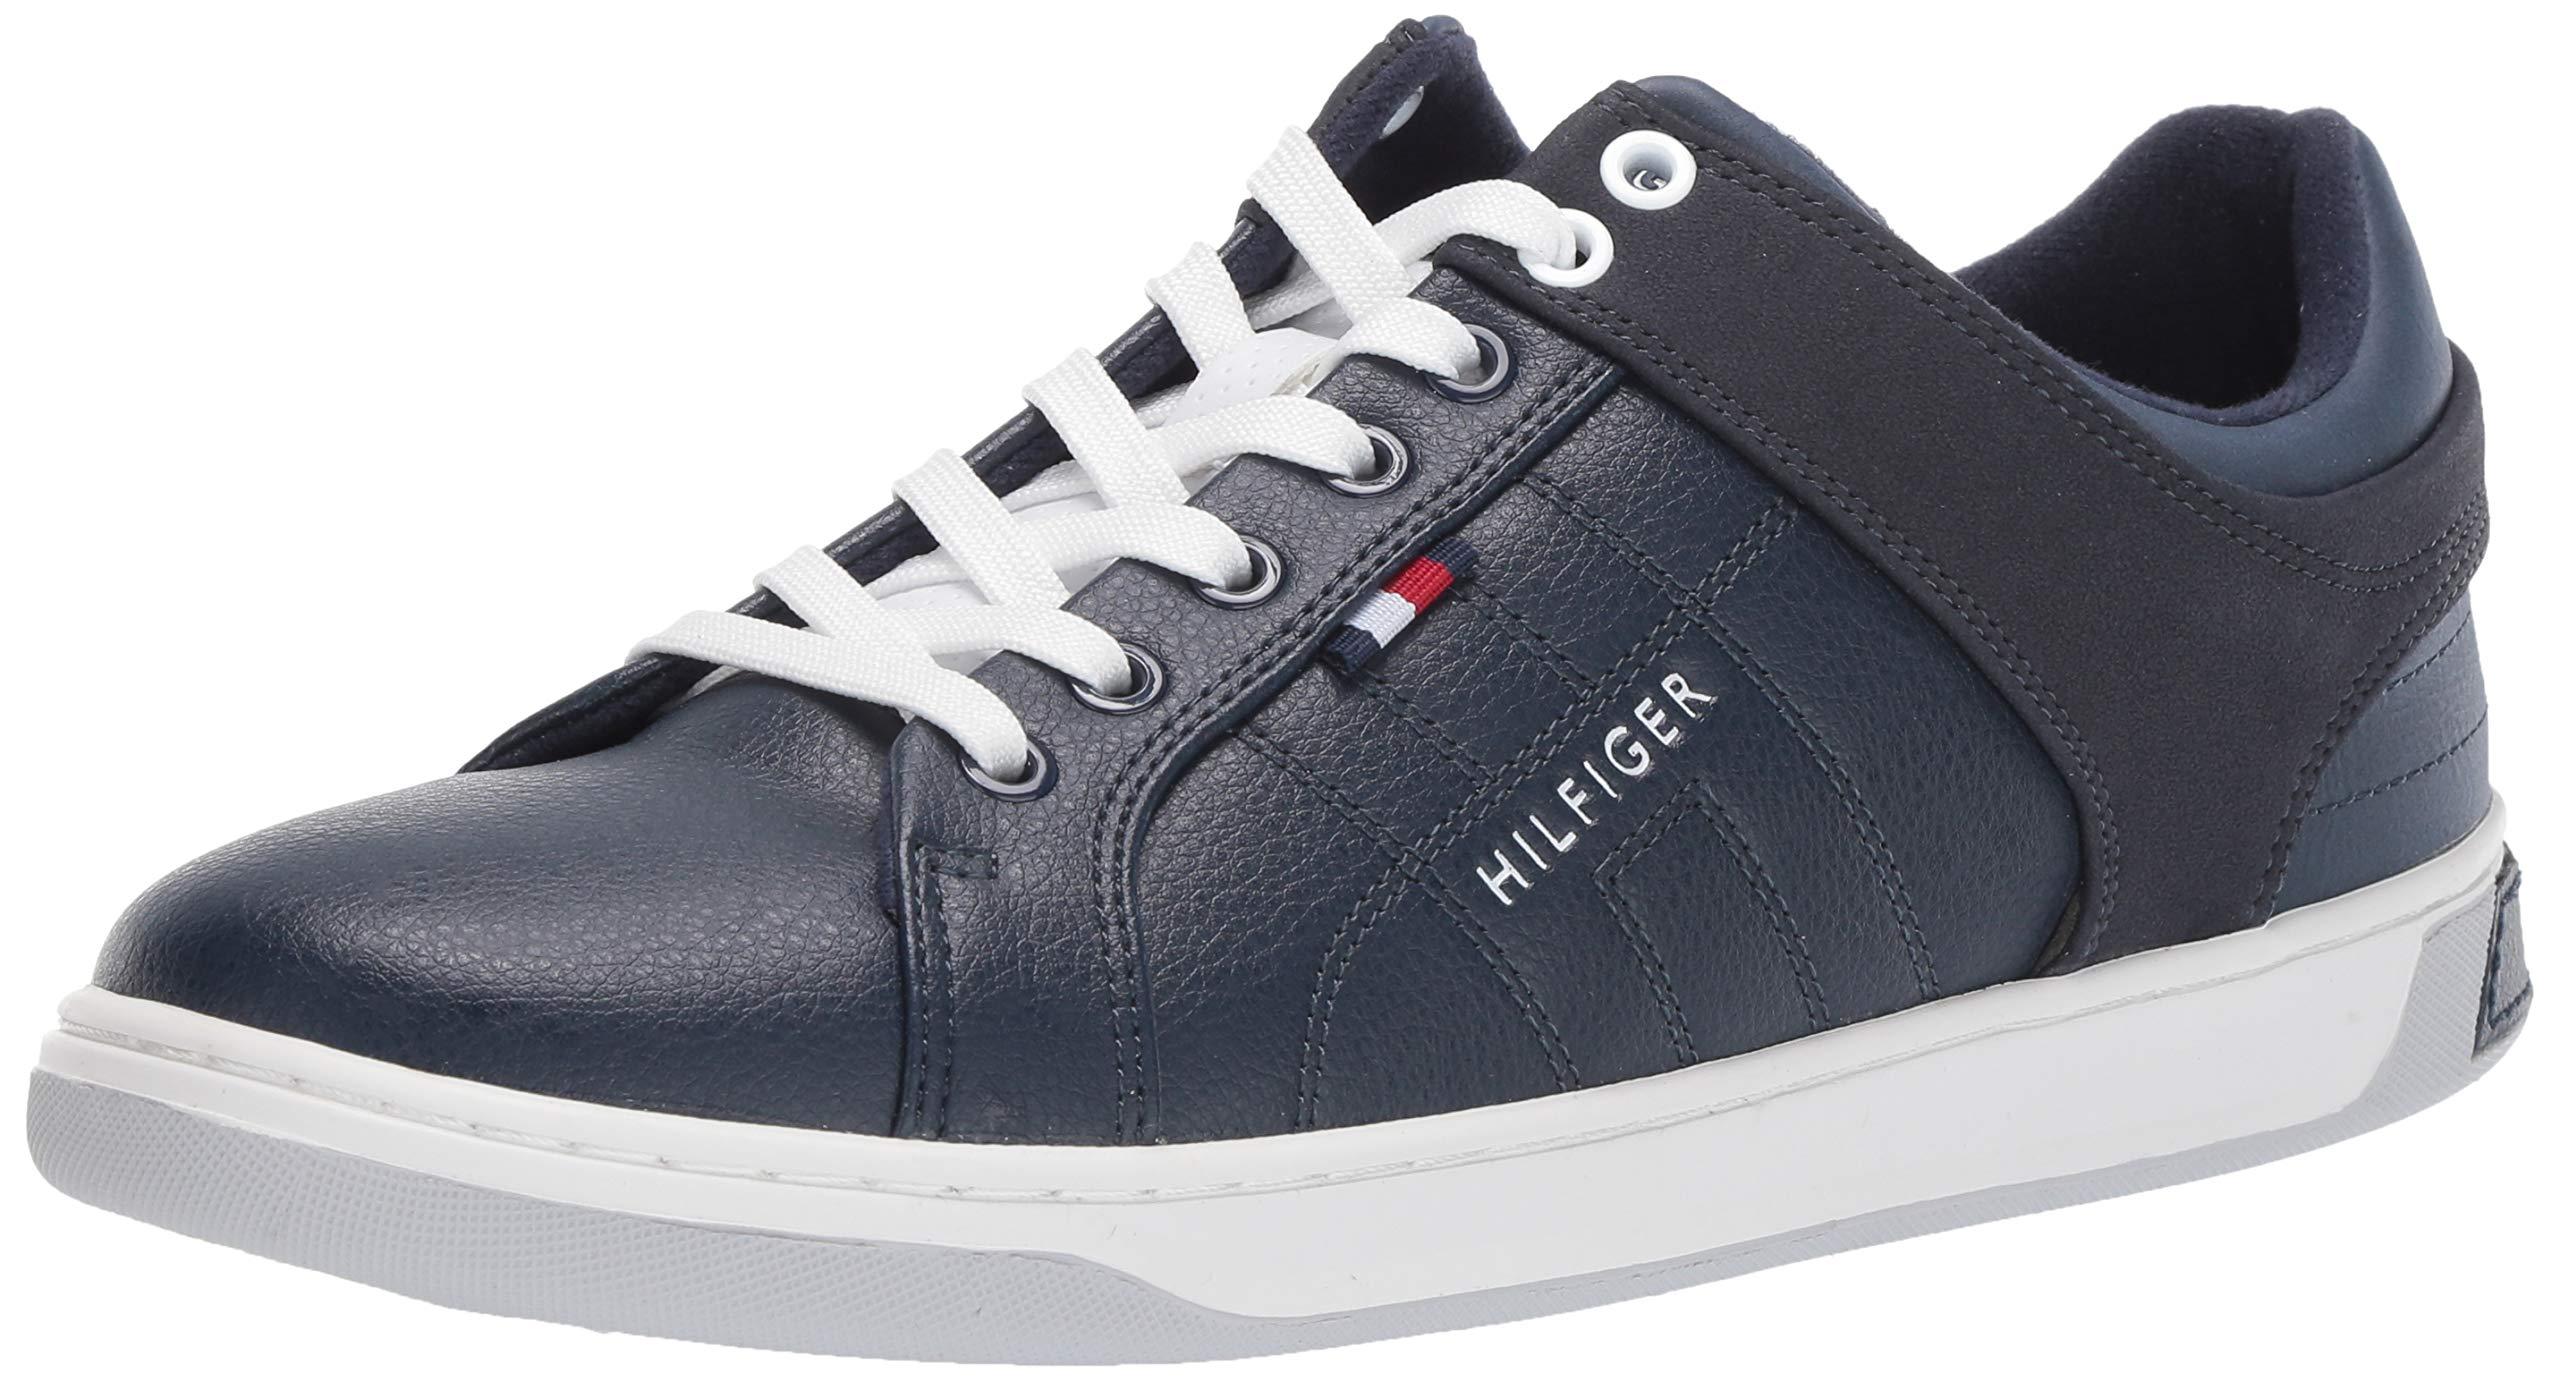 Tommy Hilfiger Men's Samir Sneaker- Buy